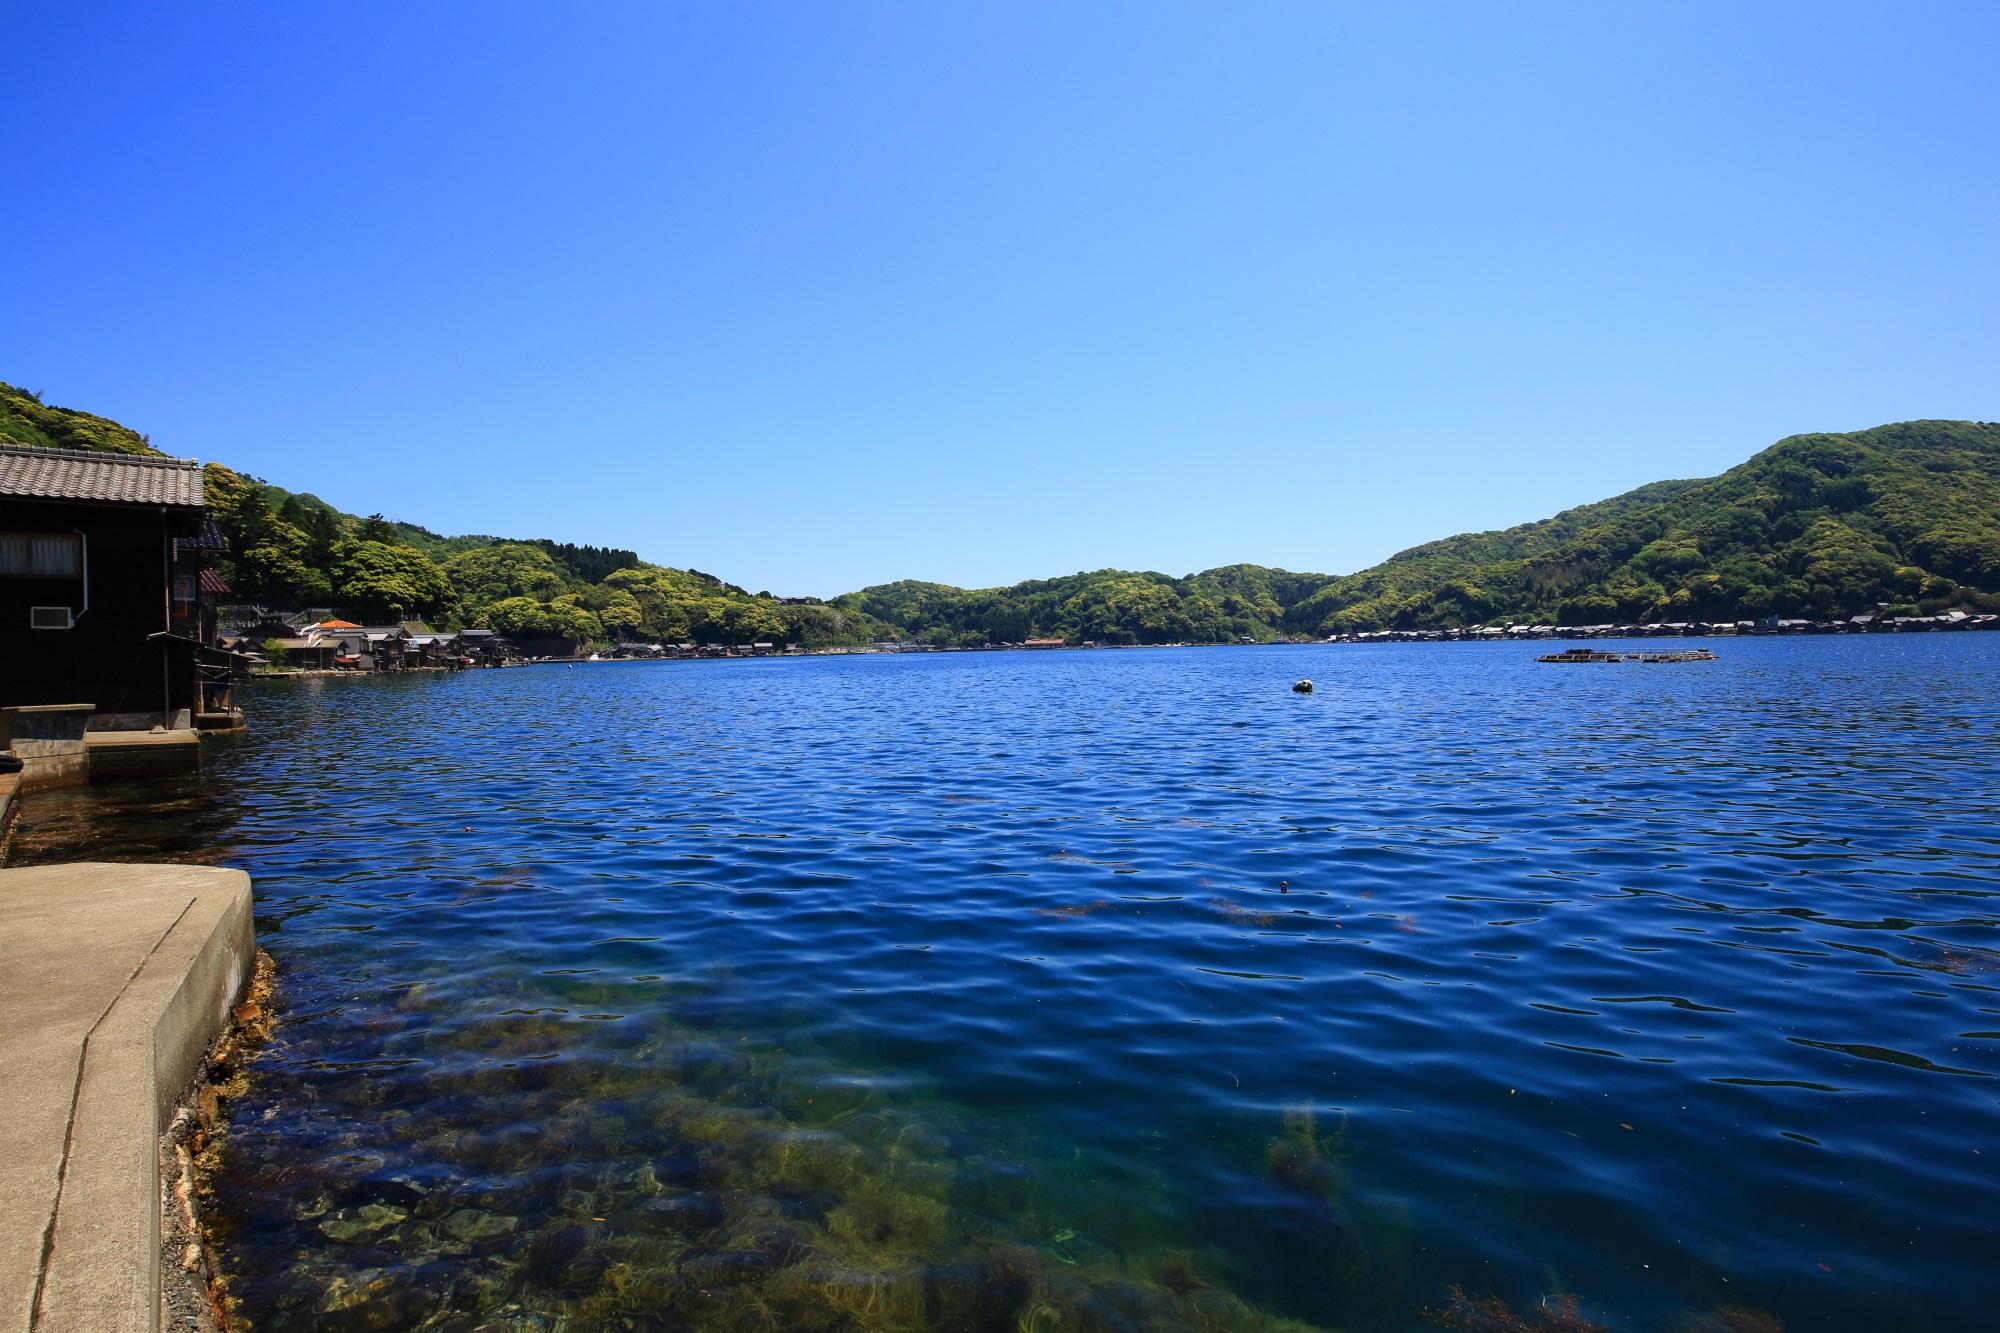 現実を忘れるような穏やかな時間が流れる伊根湾